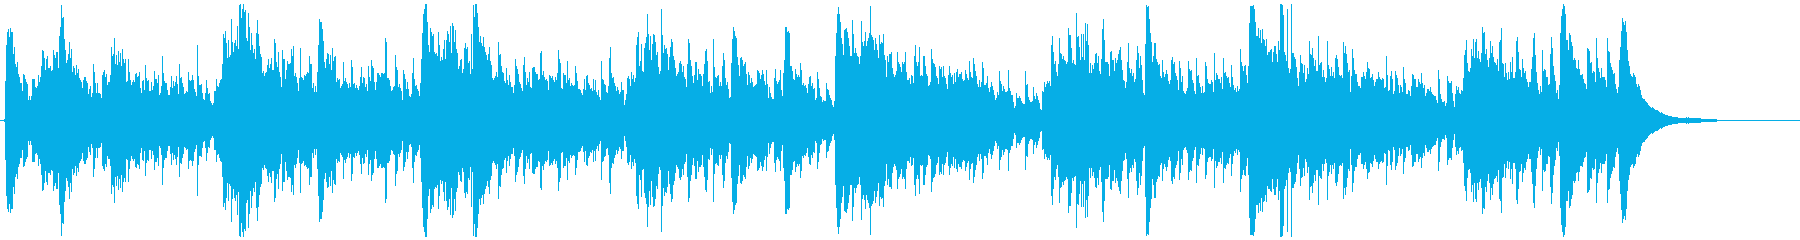 ゆったりと流れる癒しのアコギの再生済みの波形